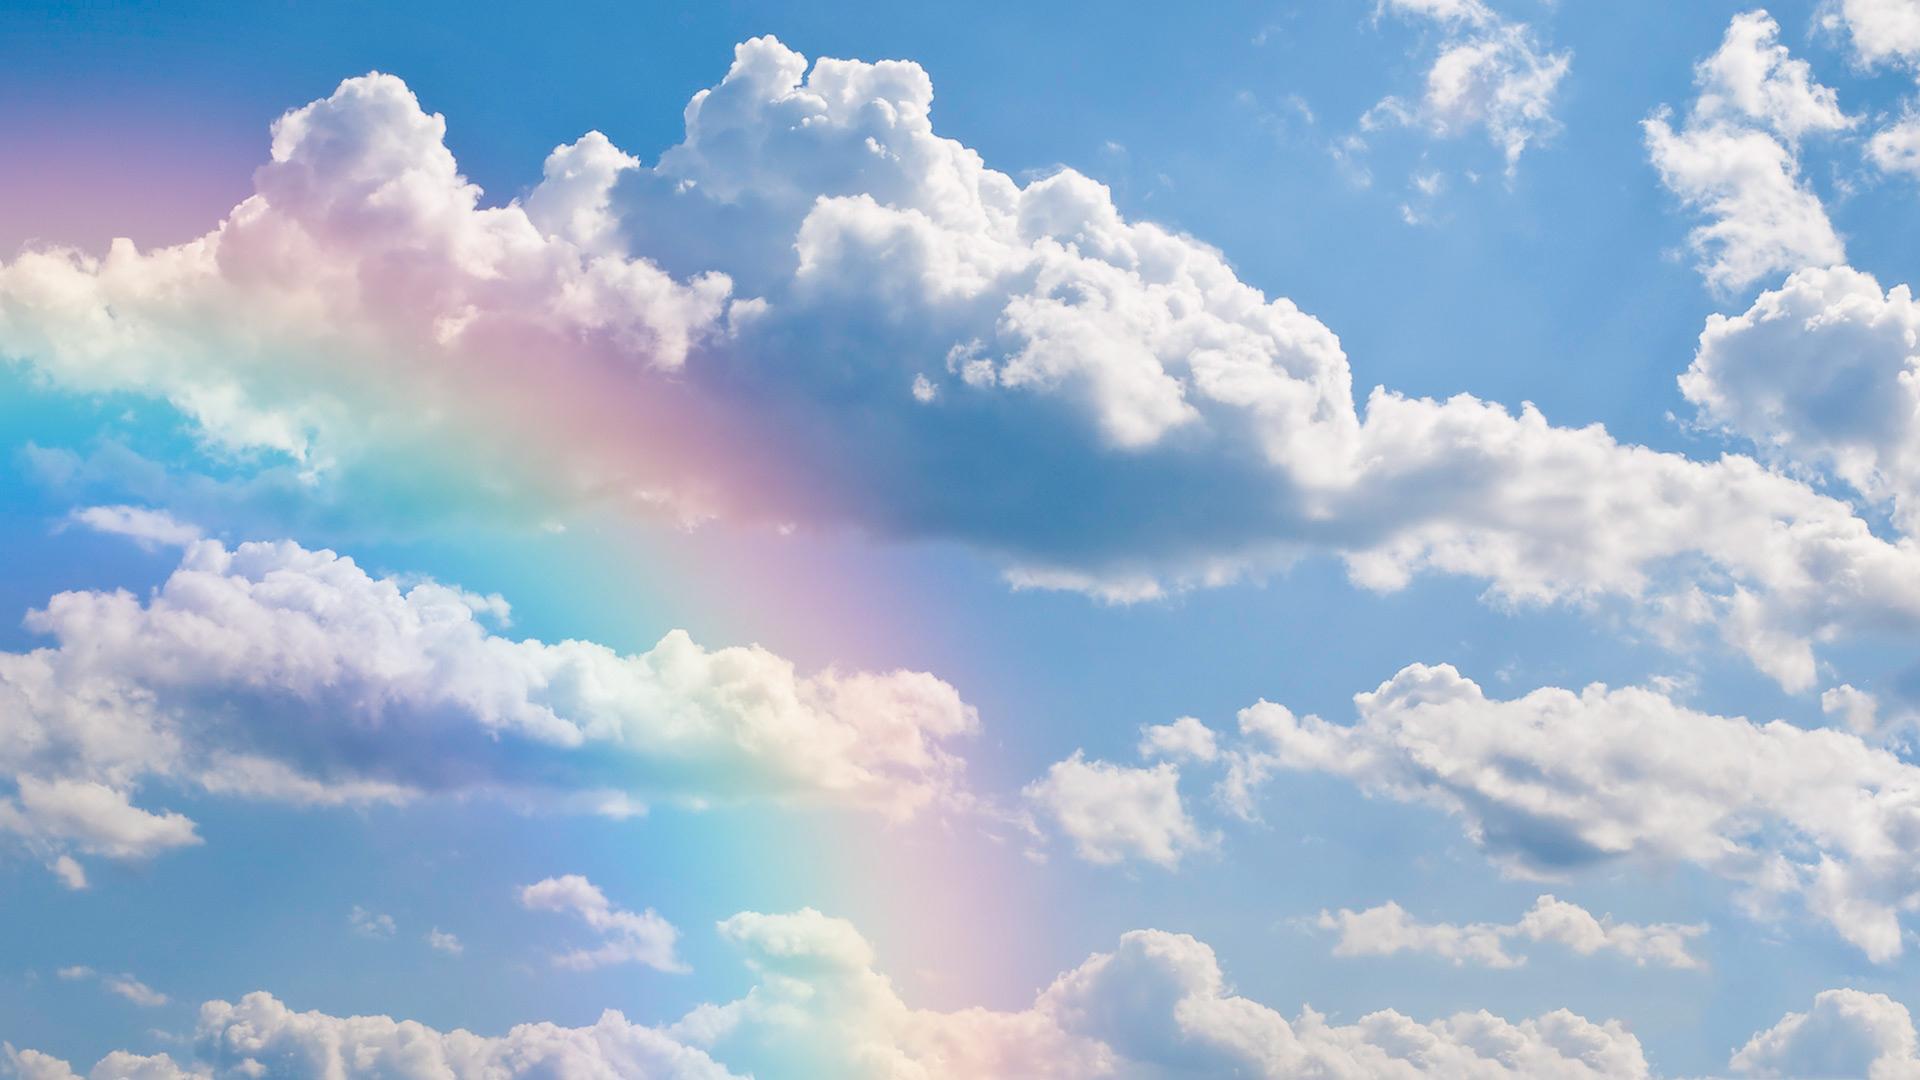 облака clouds на телефон